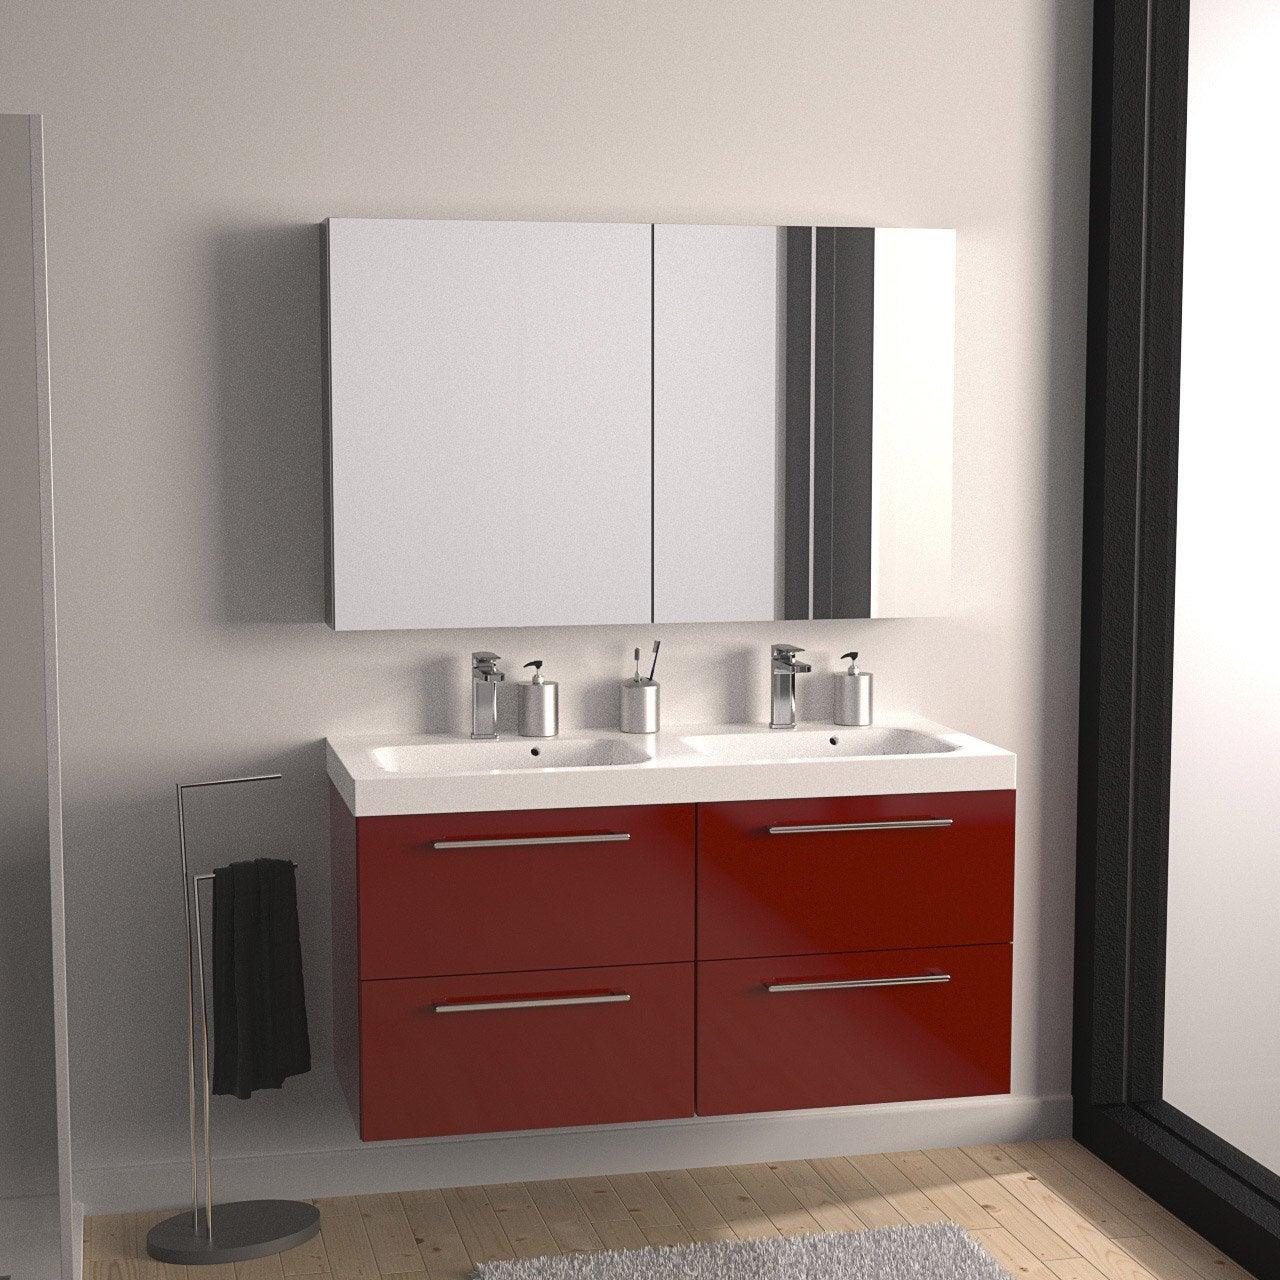 Meuble de salle de bains plus de 120 rouge remix leroy merlin - Meuble de salle de bain rouge ...